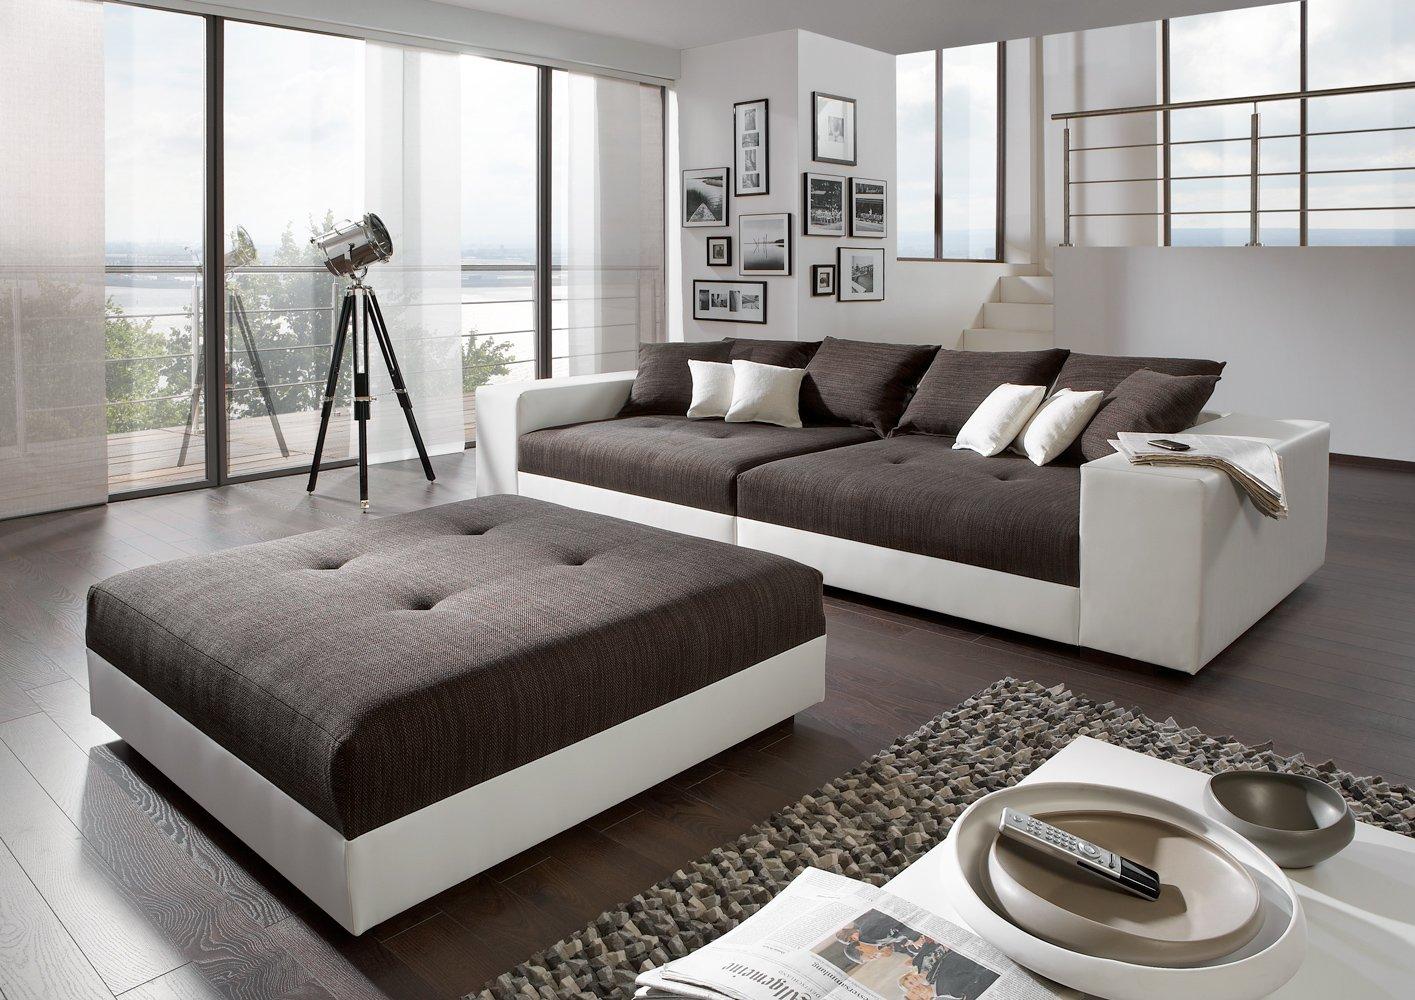 Big Sofa exclusiv mit Hocker – Made in Germany – Freie Stoff und Farbwahl zum kombinieren ohne Aufpreis aus unserem Sortiment (ausser Echtleder). Nahezu jedes Sondermaß möglich! Sprechen Sie uns an. Info unter 05226-9845045 oder info@highlight-polstermoebel.de